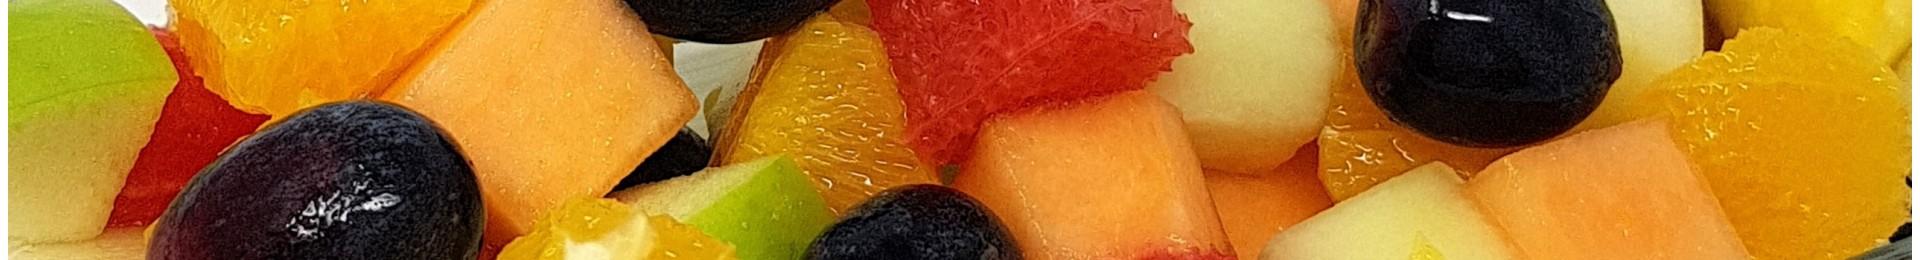 Fruchtsalate & Fruchtsäfte